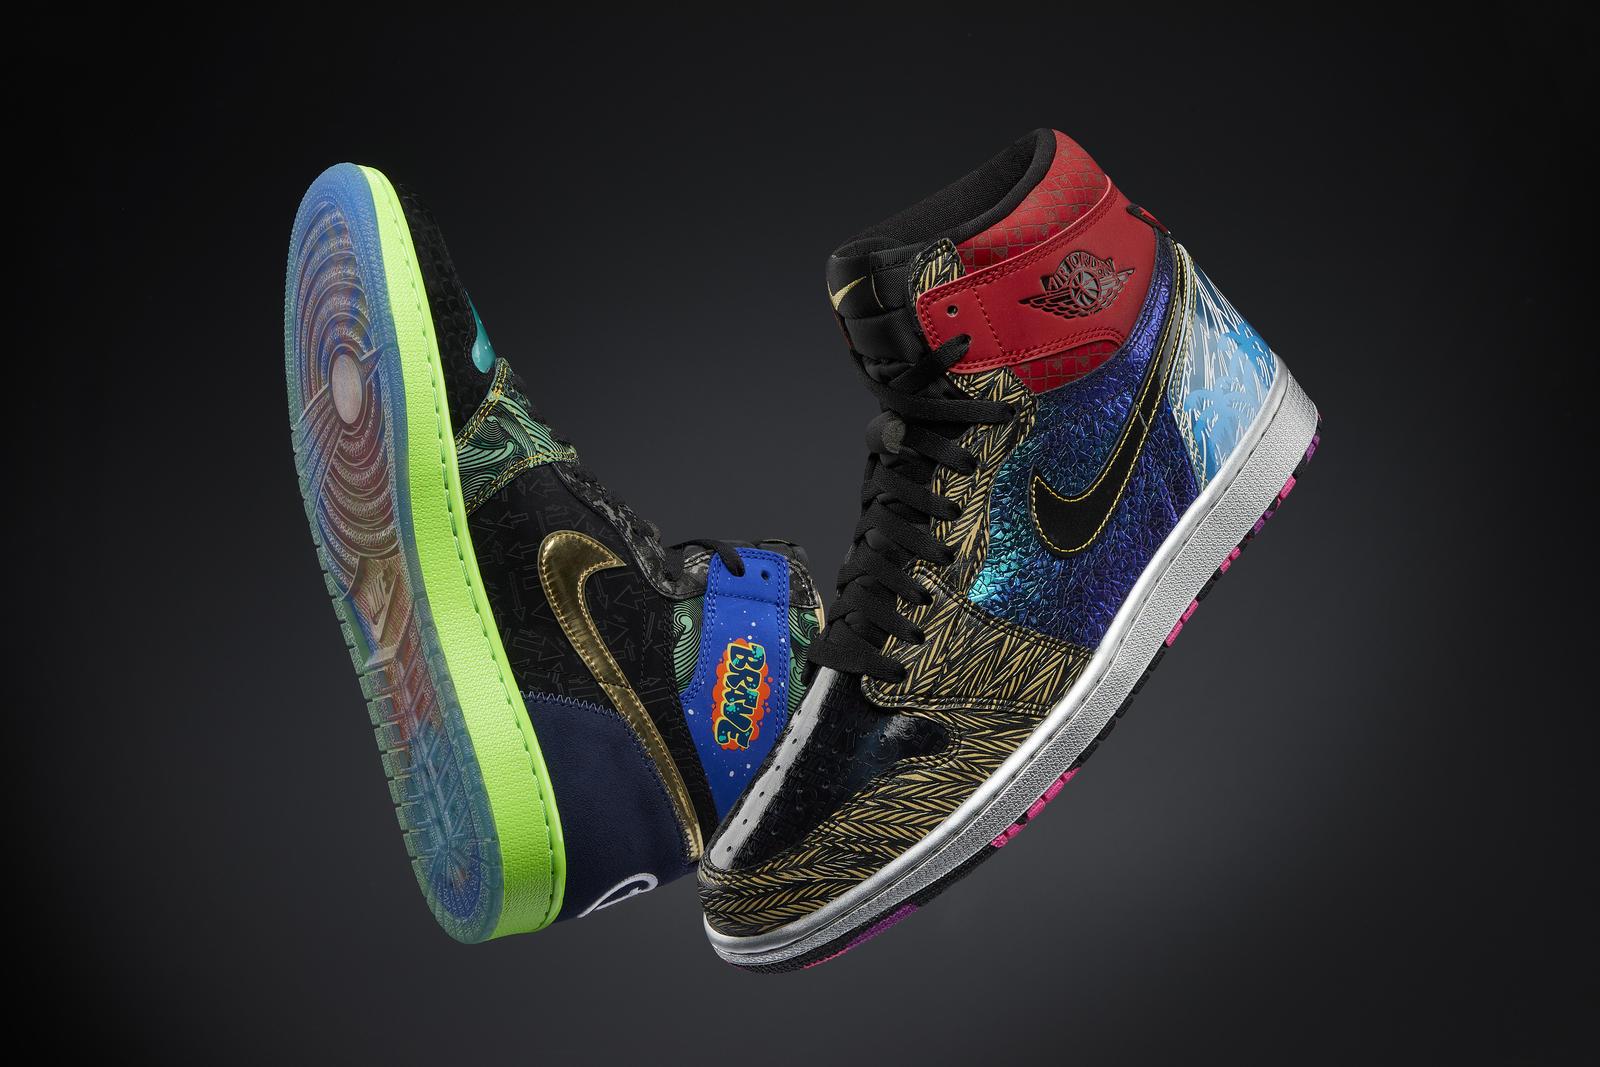 Nike Doernbecher Freestyle 2021 Air Jordan 1 What The Doernbecher ...